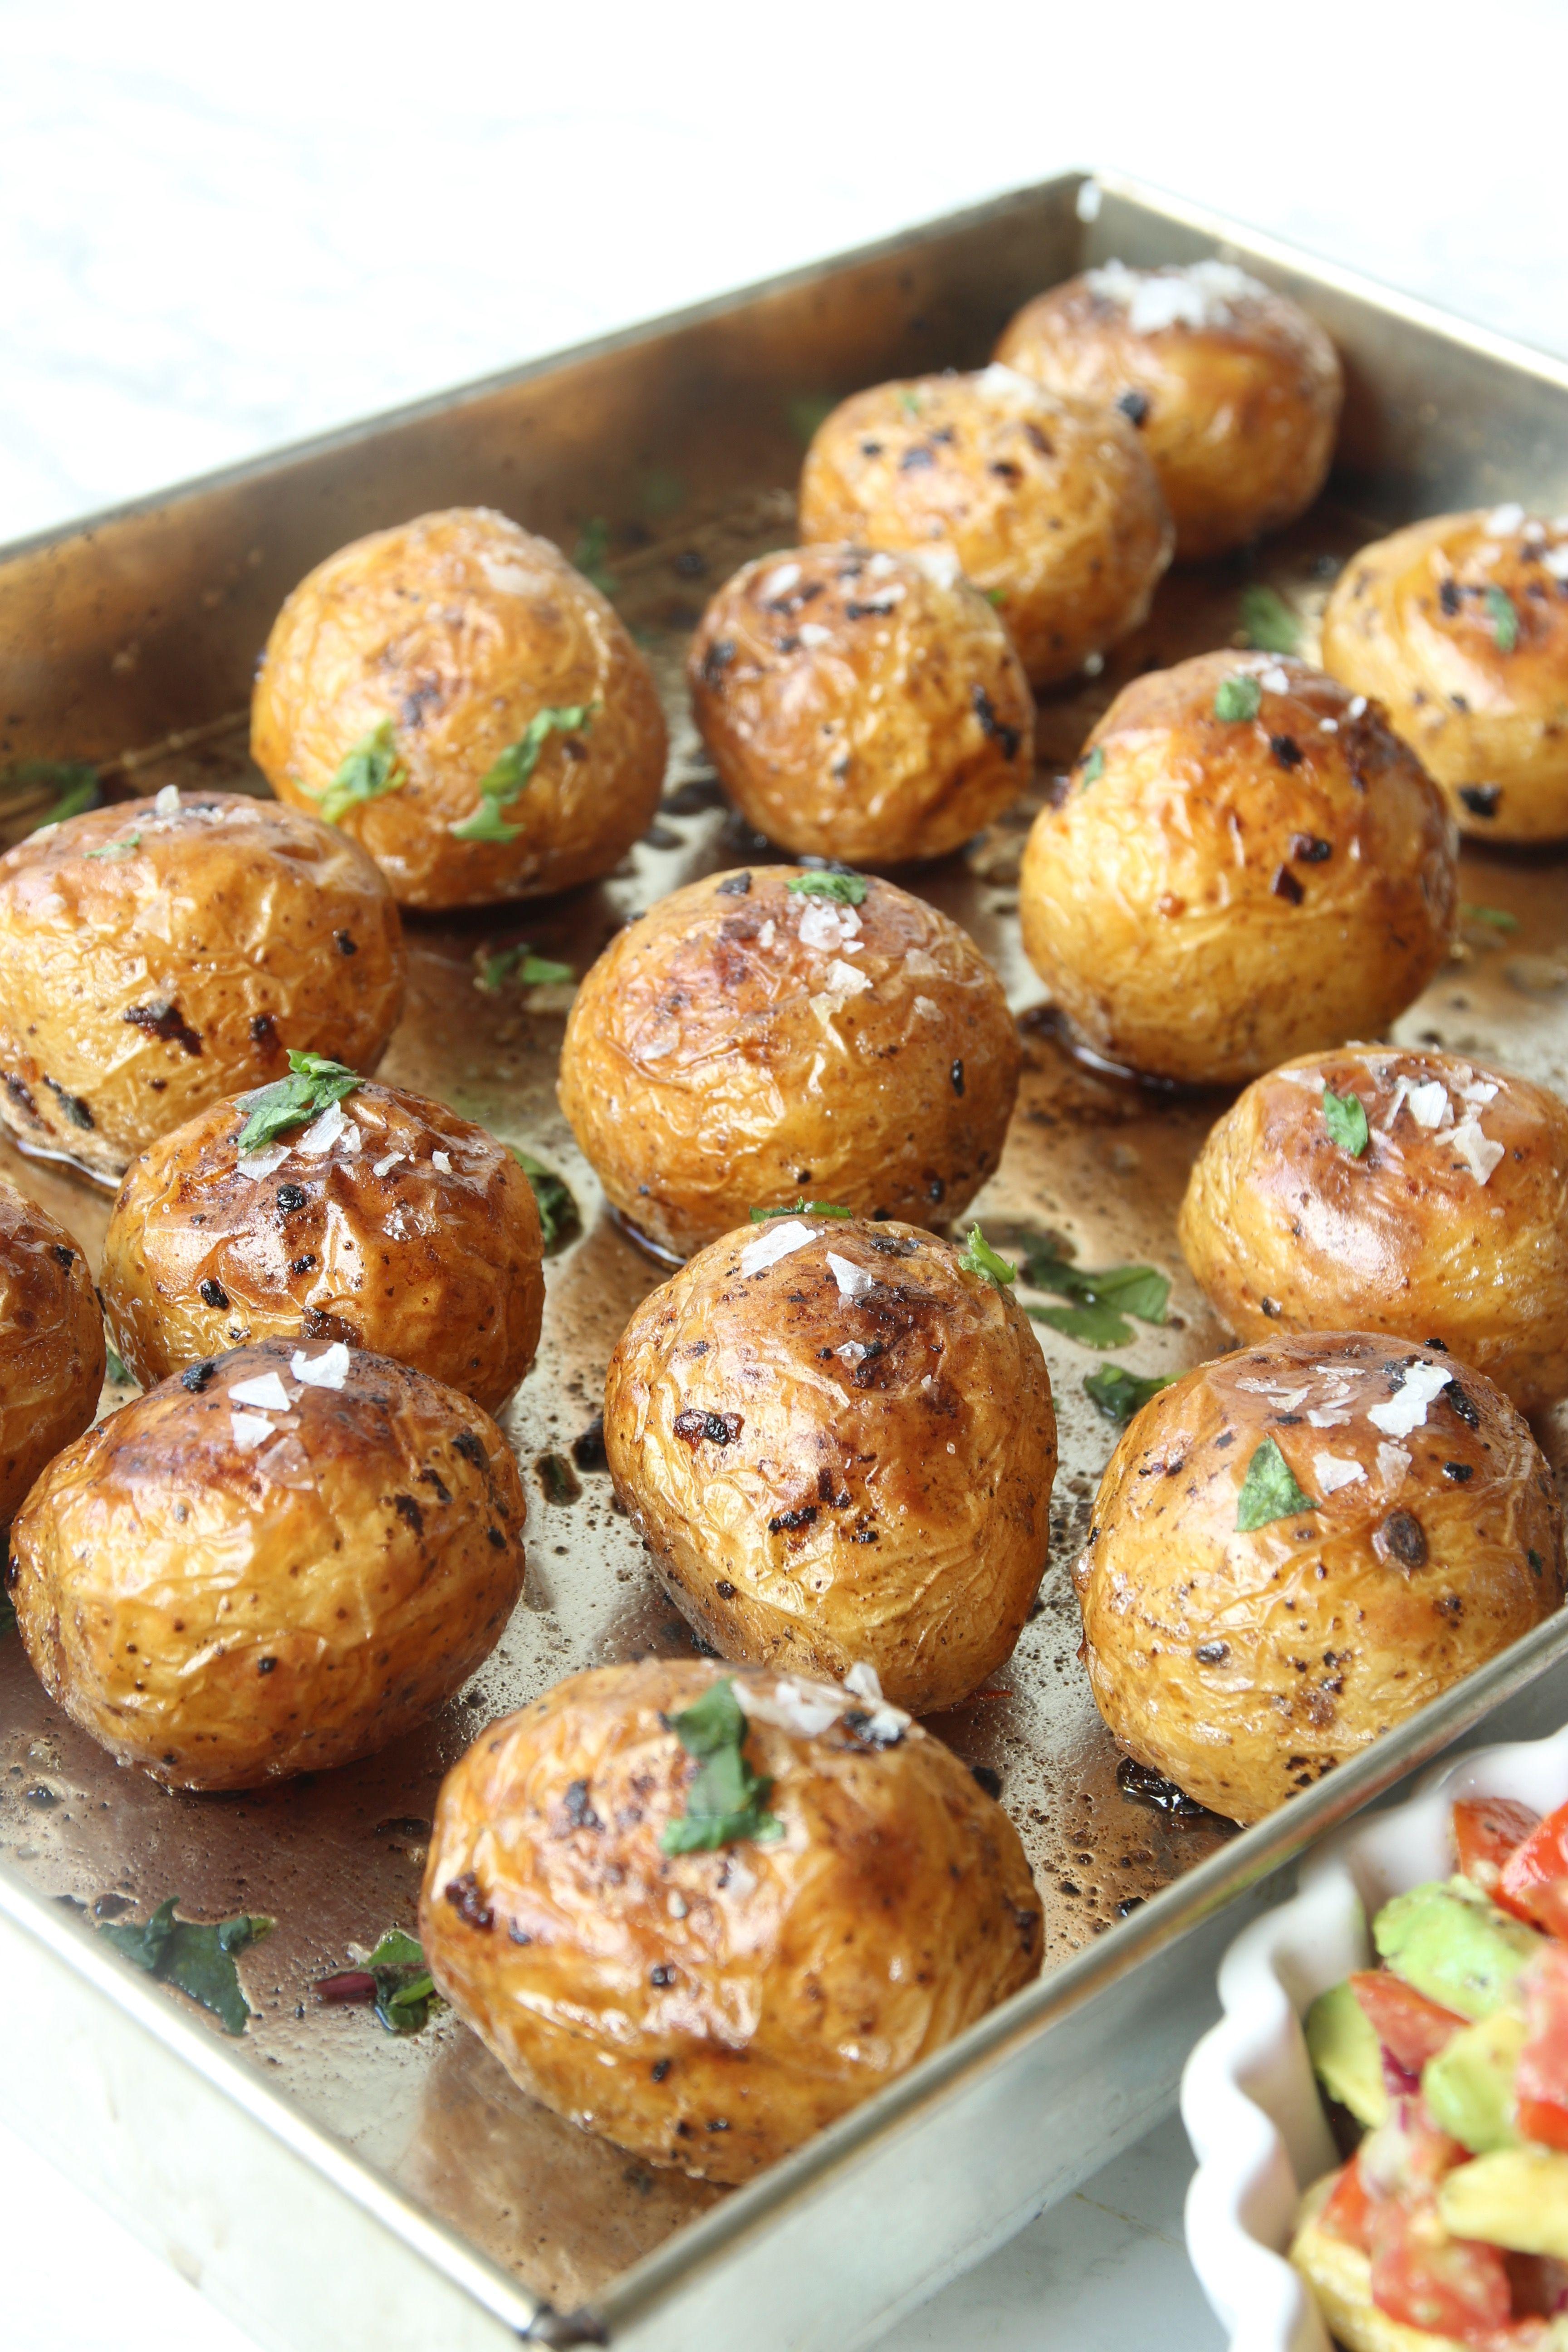 potatisrecept till grillat